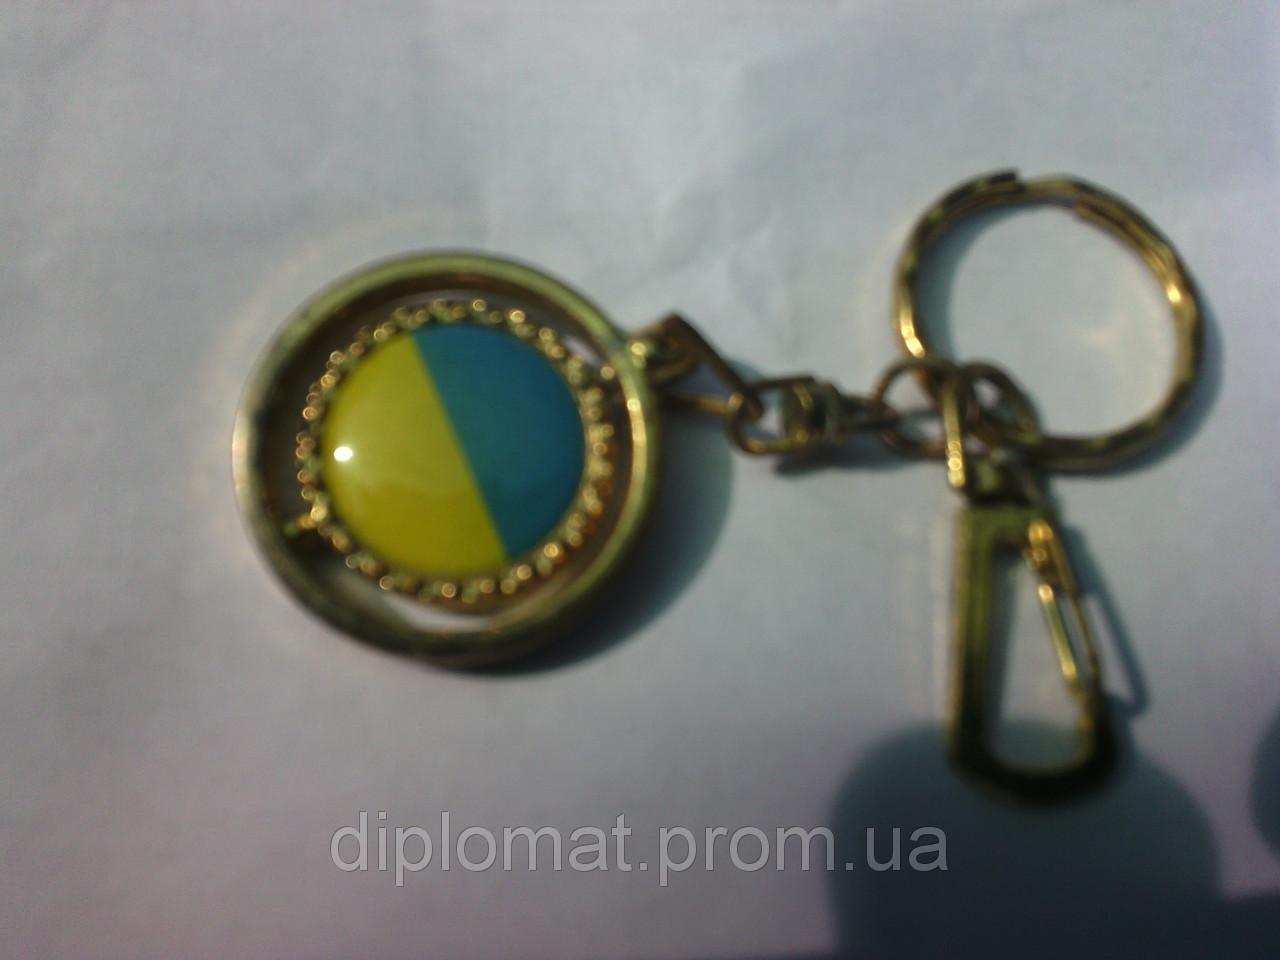 Брелок для ключей с украинской символикой